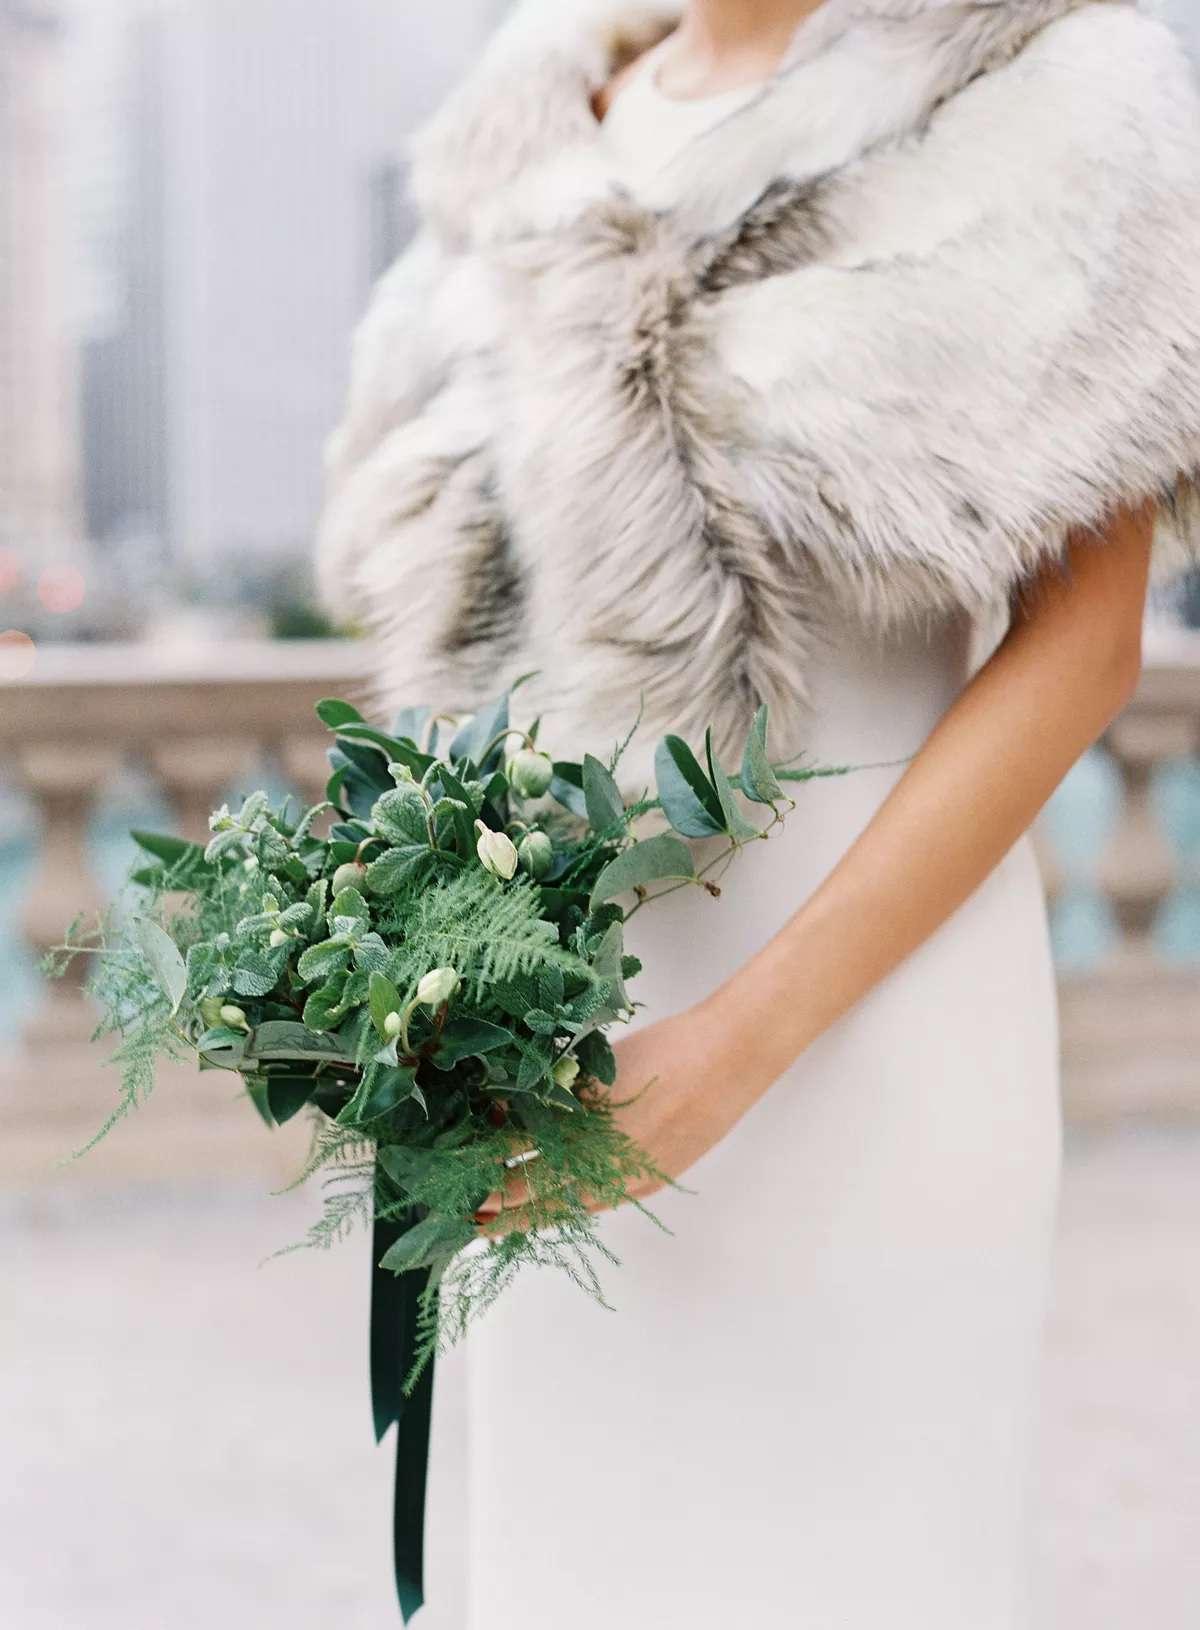 mint leaves in bouquet